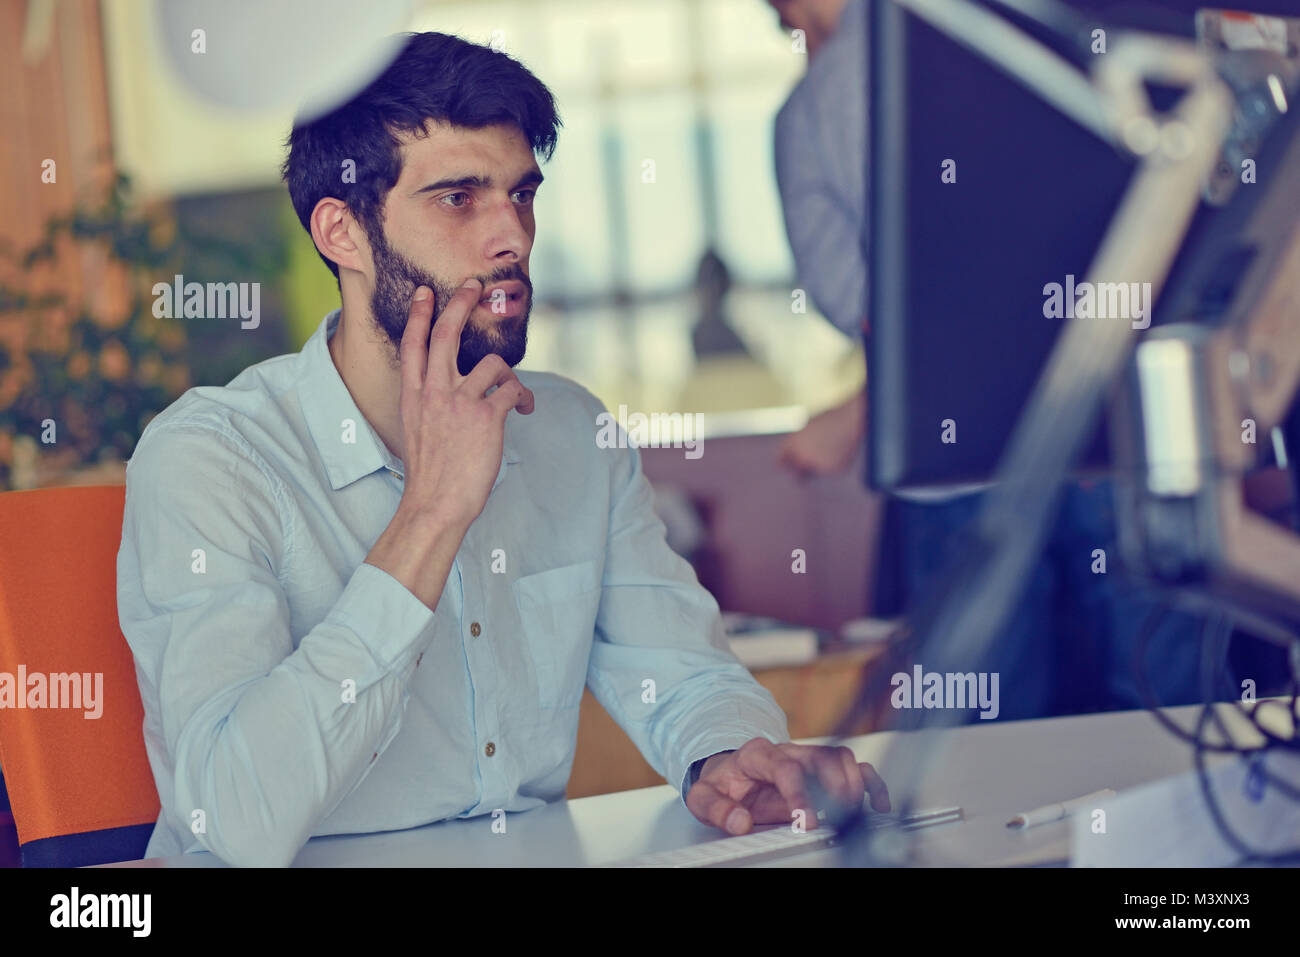 Entreprise, démarrage et les gens d'affaires - concept créatif ou employé de bureau avec ordinateur Photo Stock